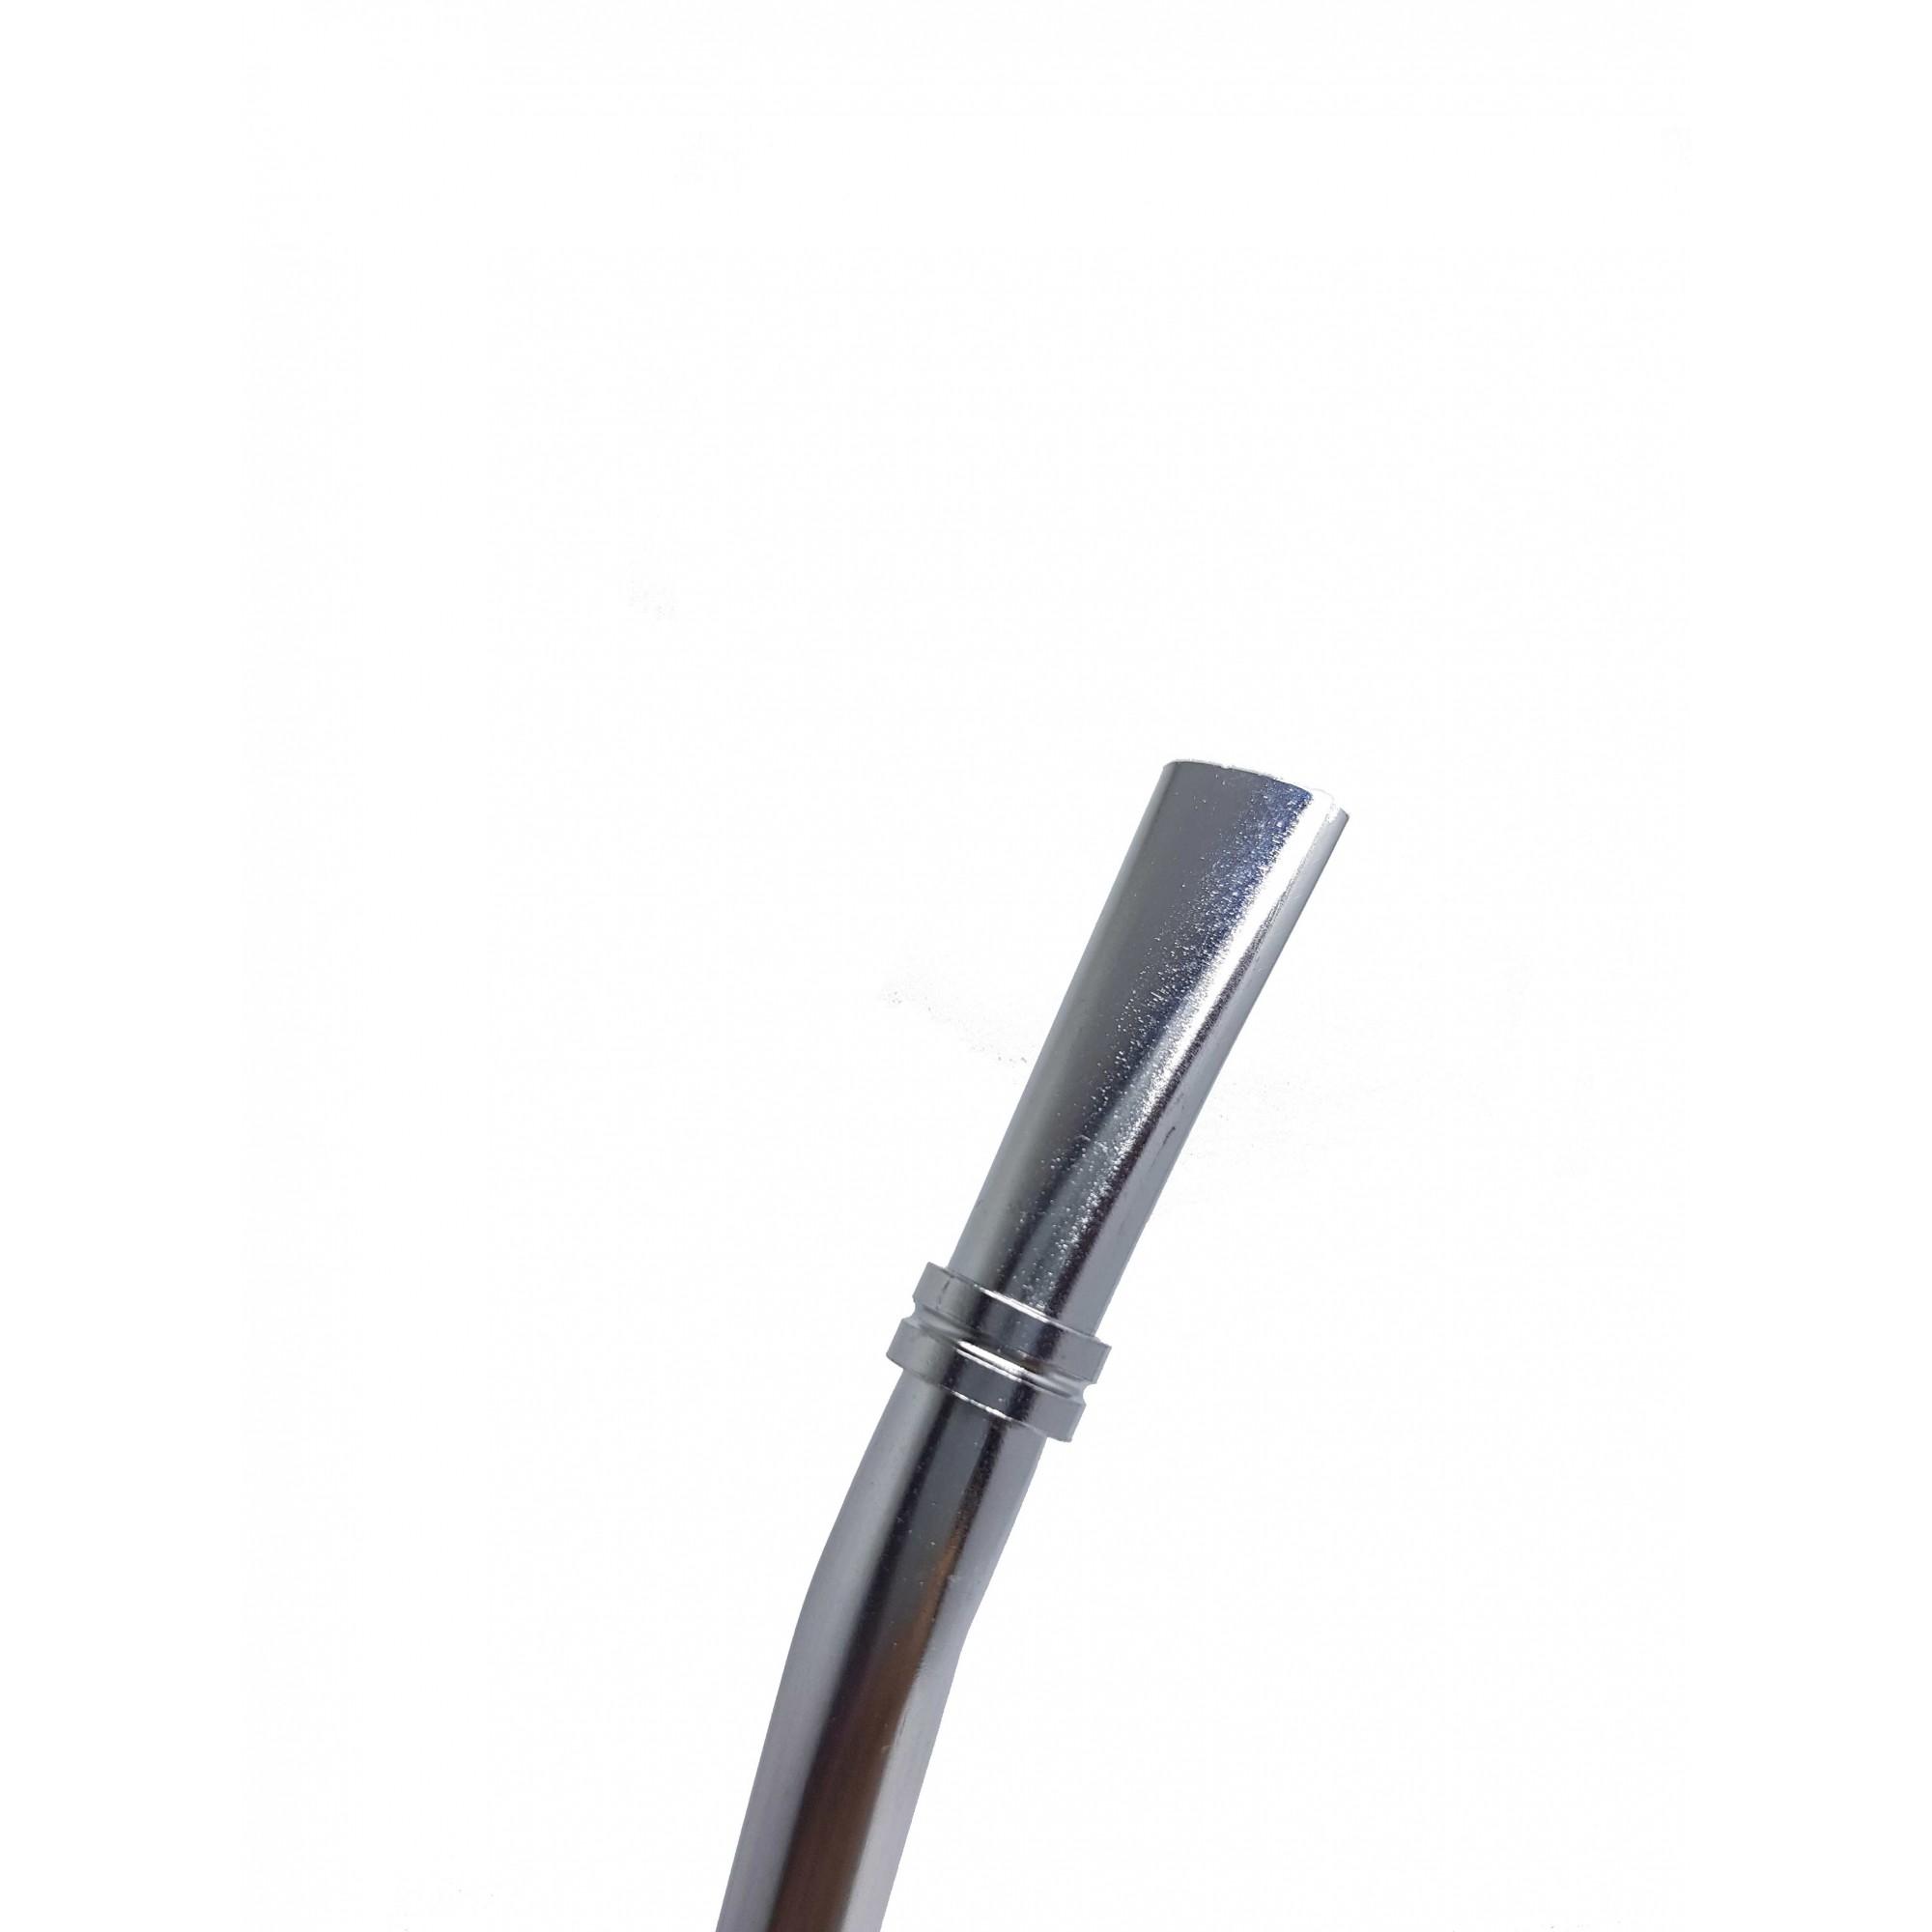 Kit 10 em 1 - Canudos variados em Inox